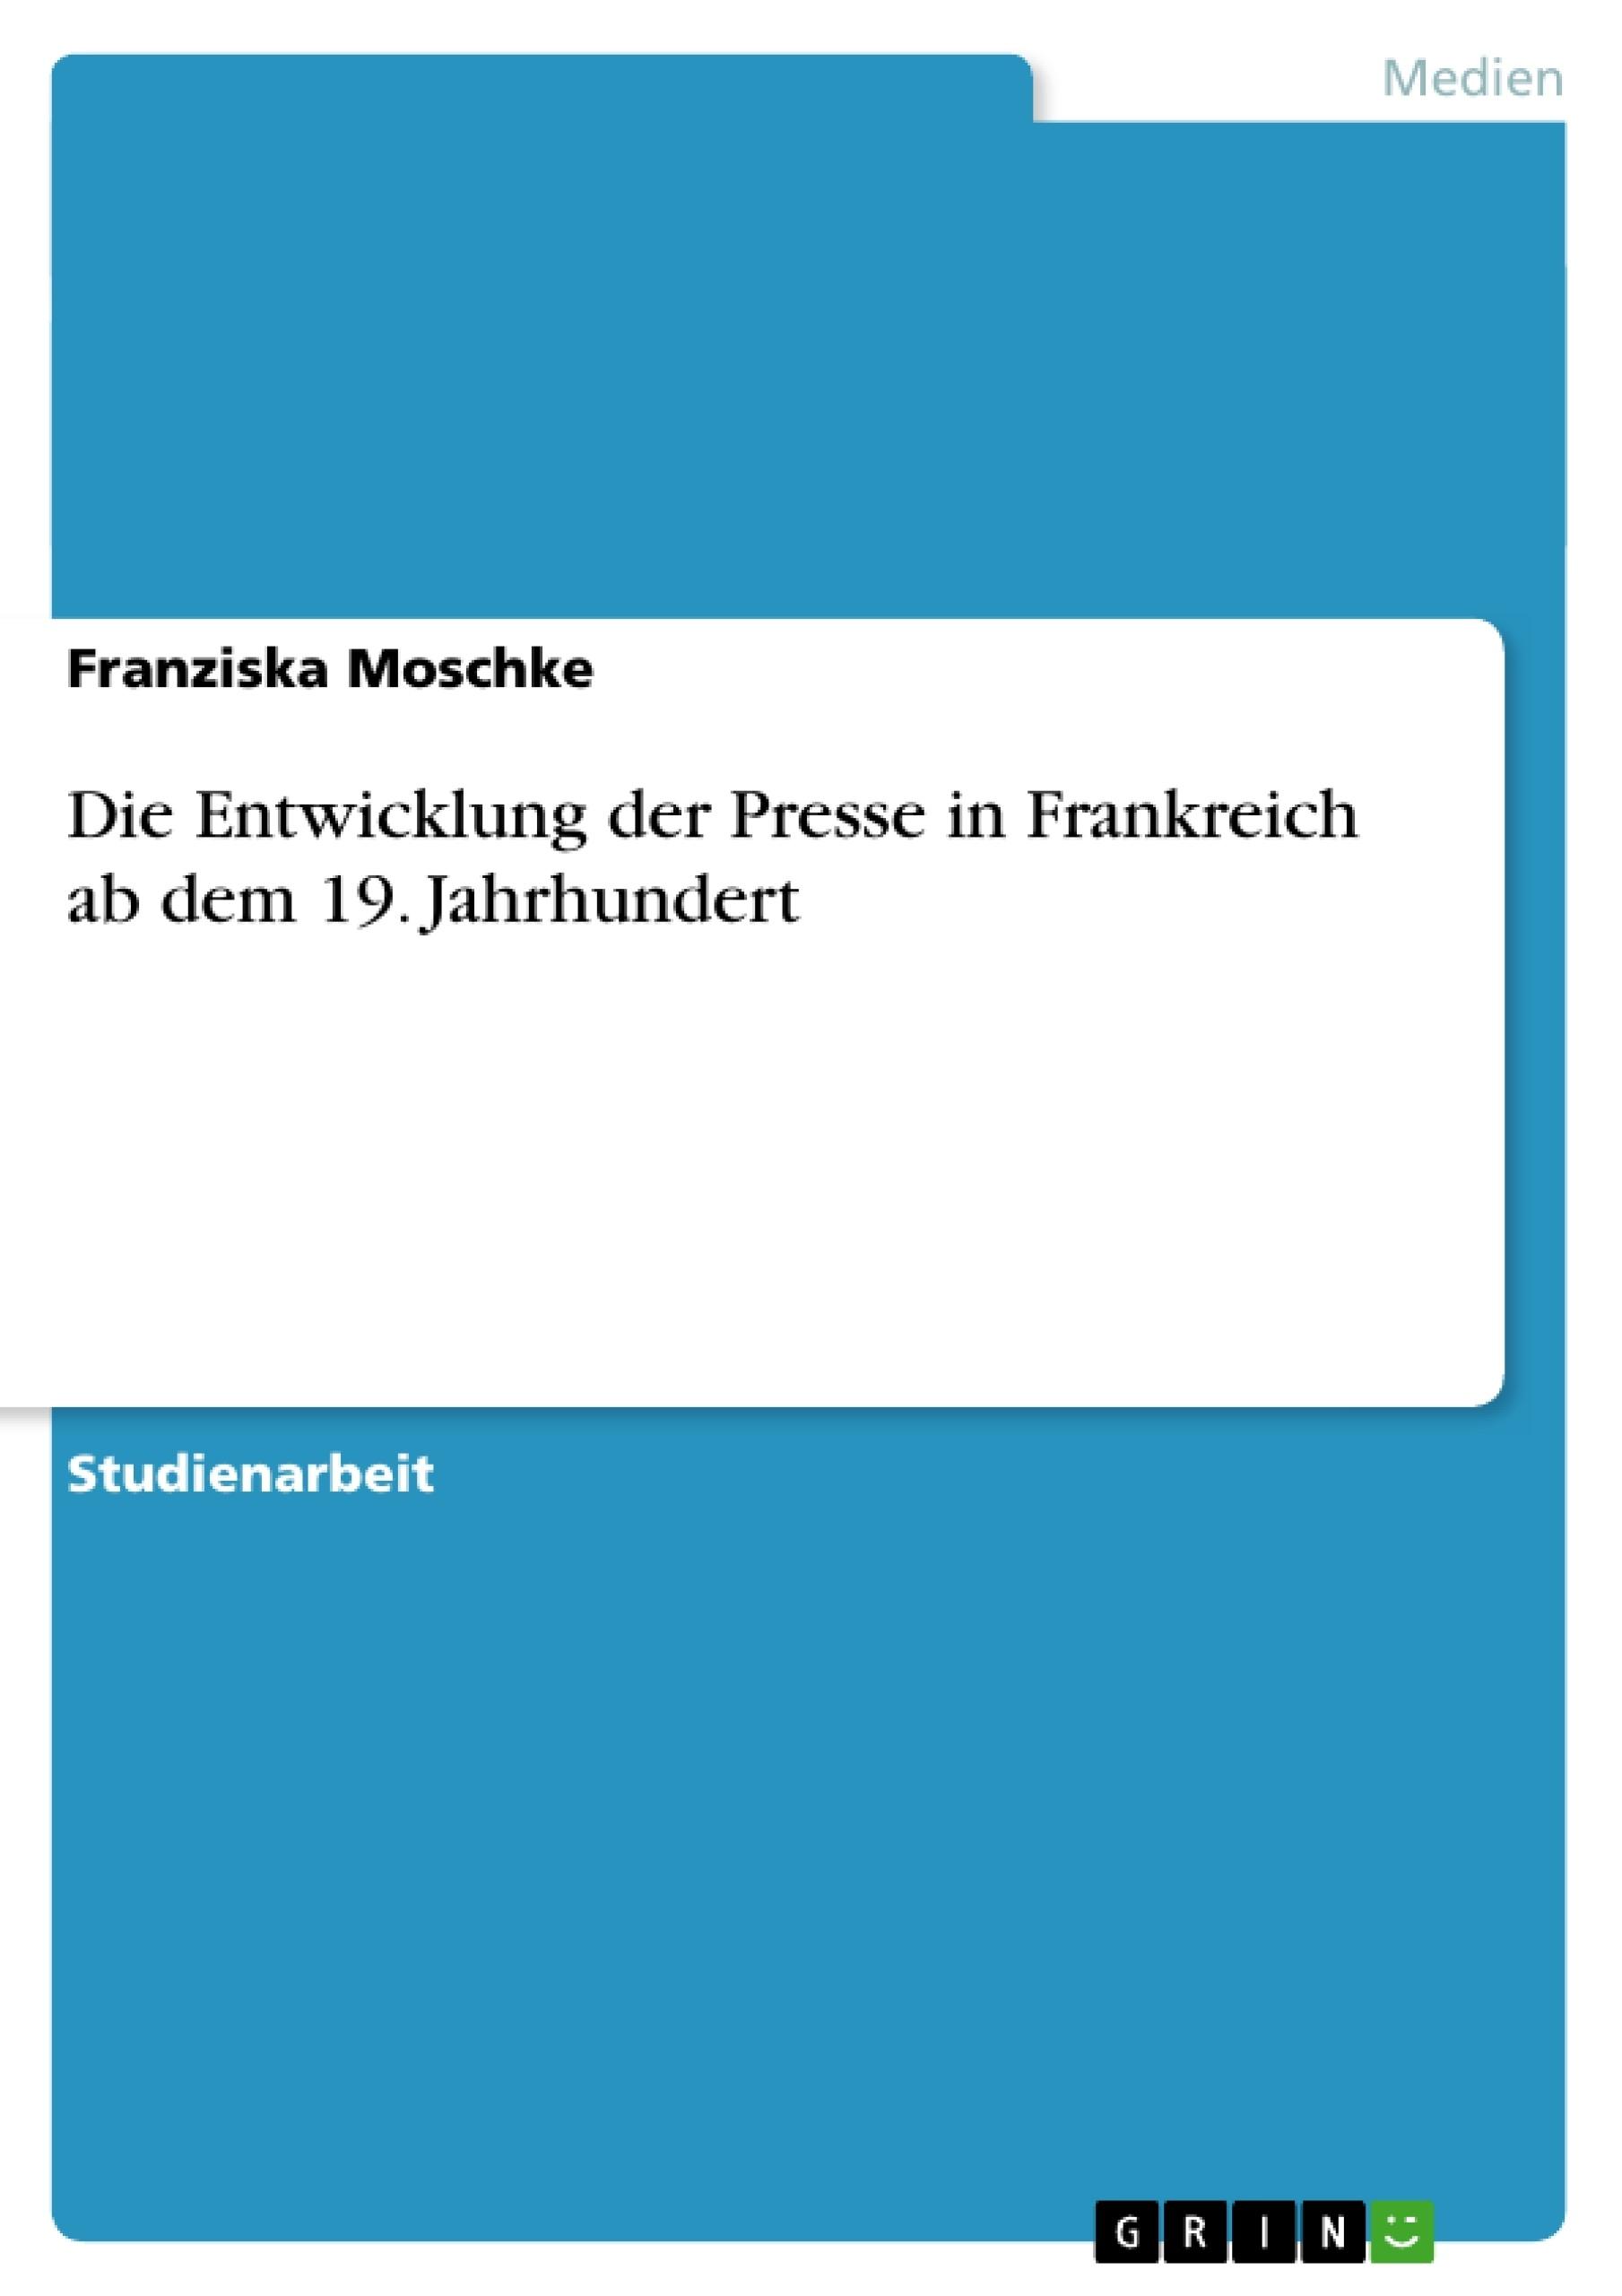 Titel: Die Entwicklung der Presse in Frankreich ab dem 19. Jahrhundert